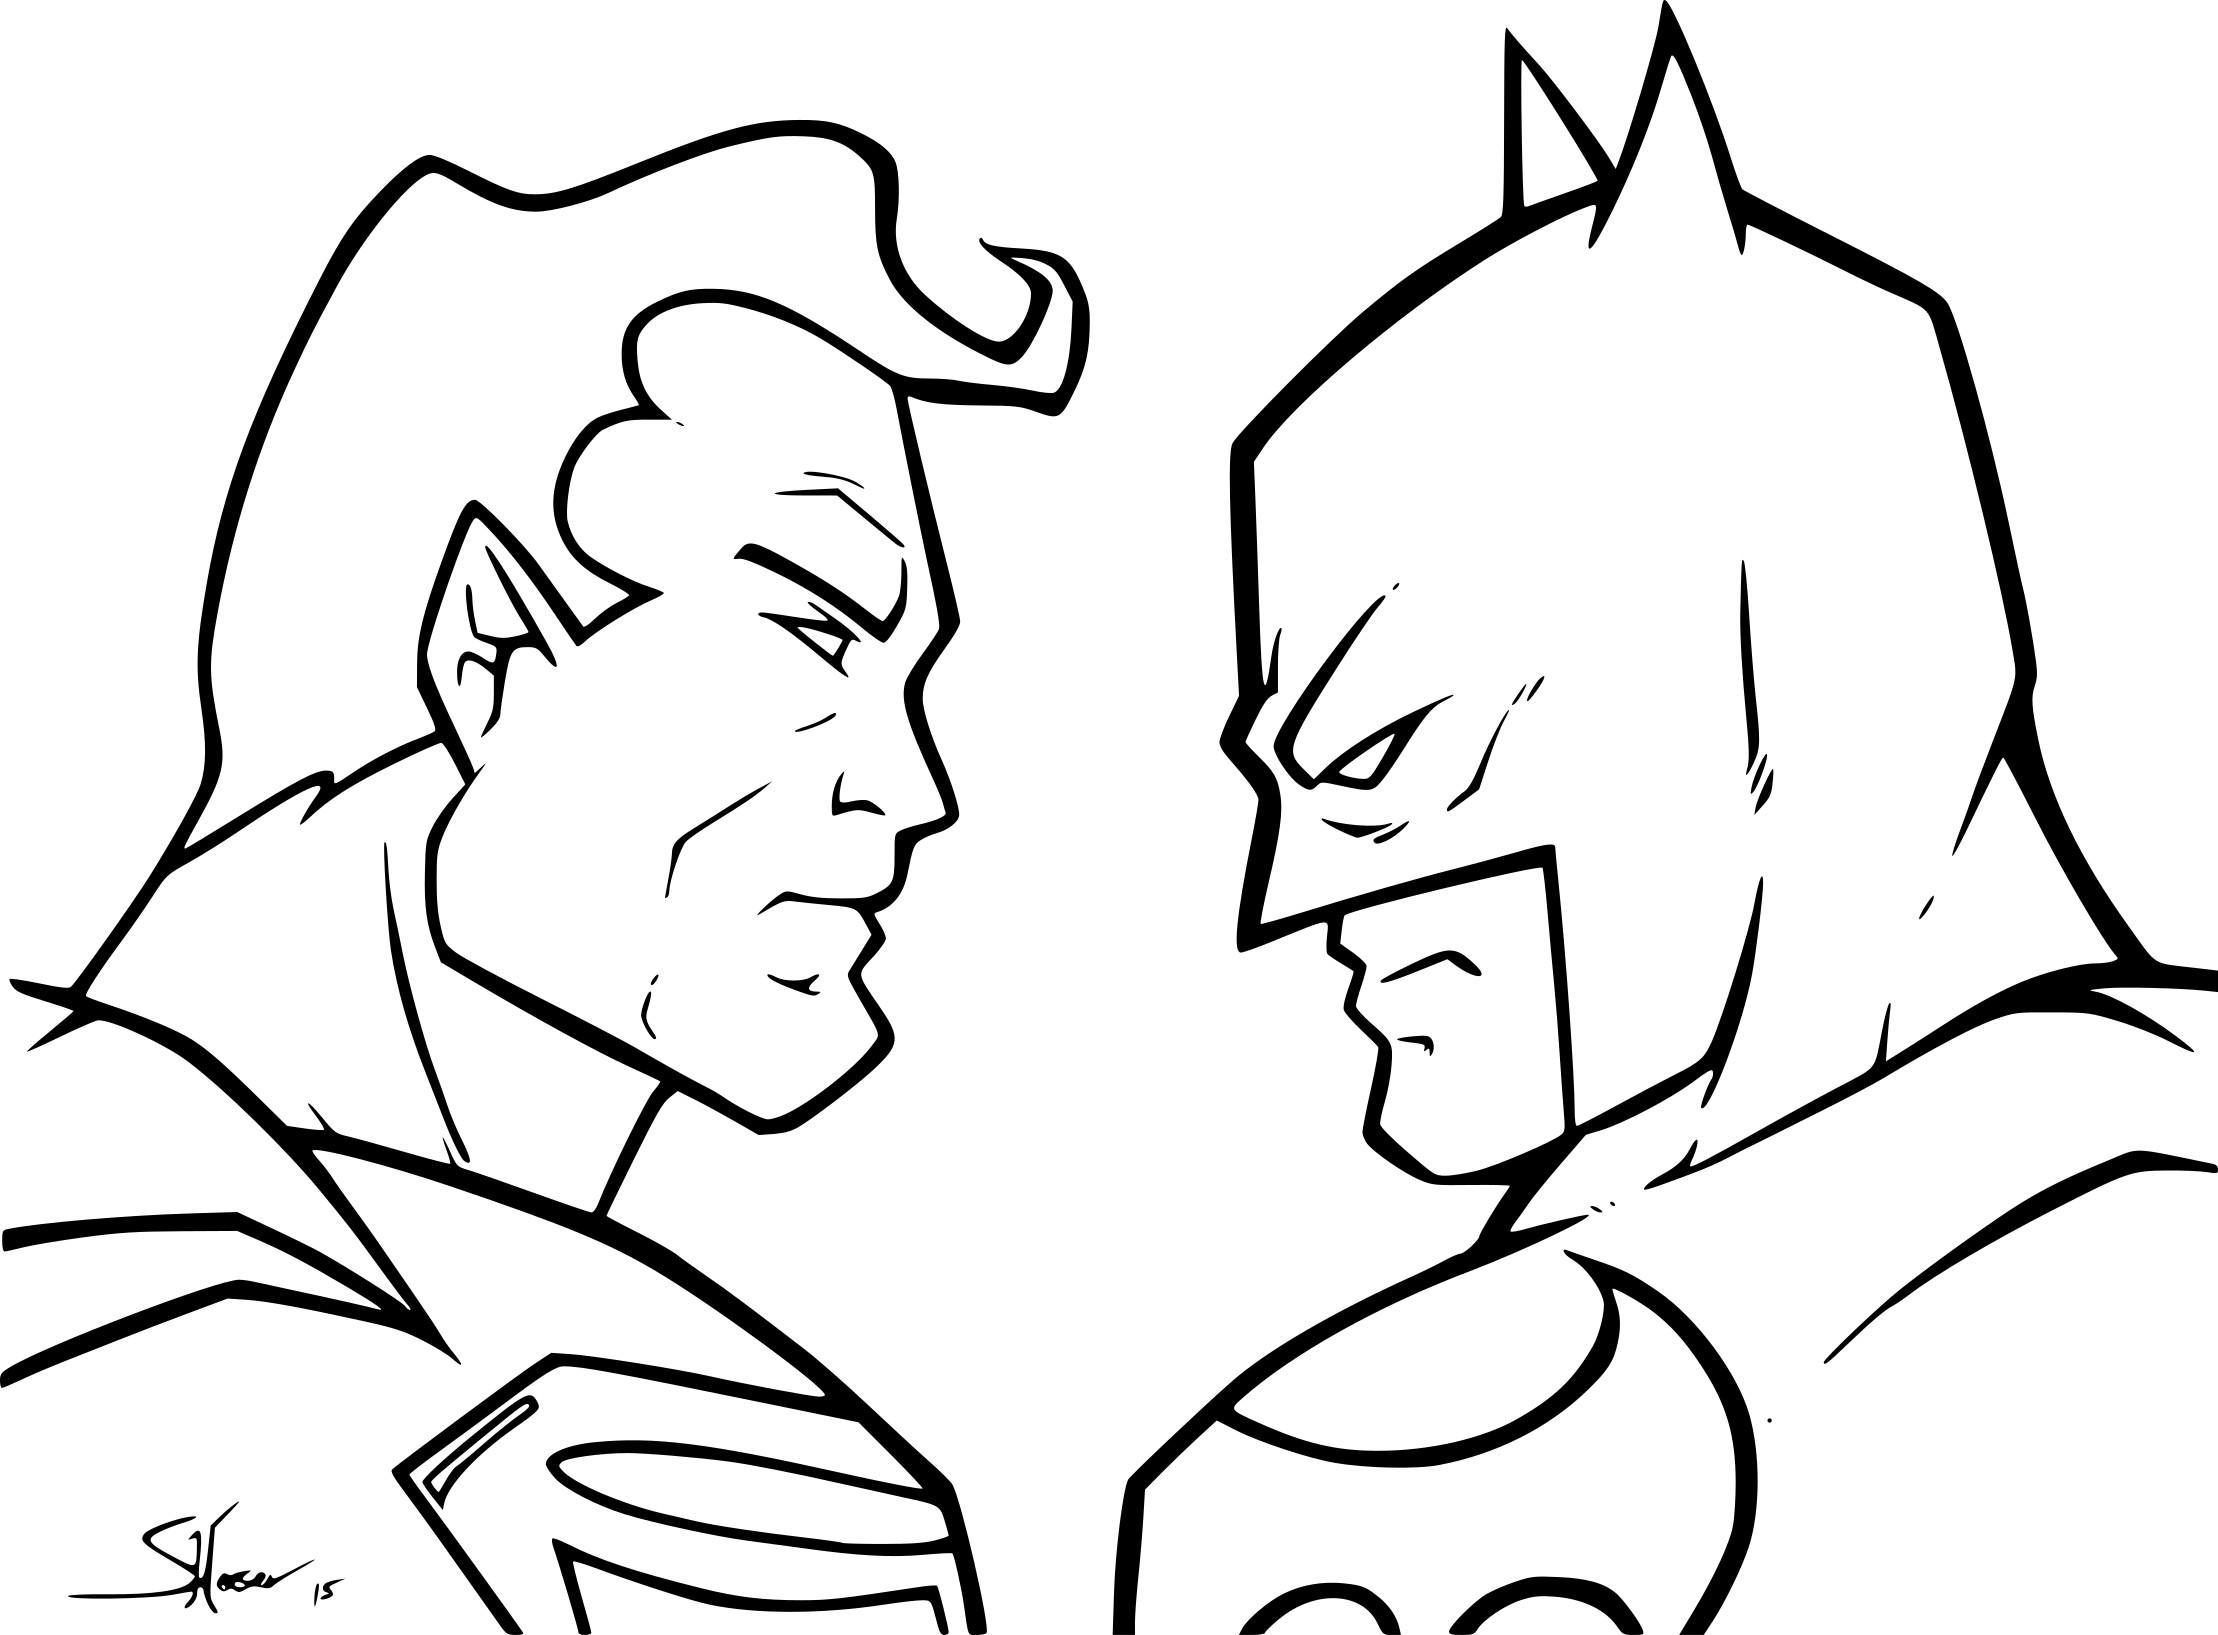 Coloriage à Imprimer Batman - Coloriage Imprimer